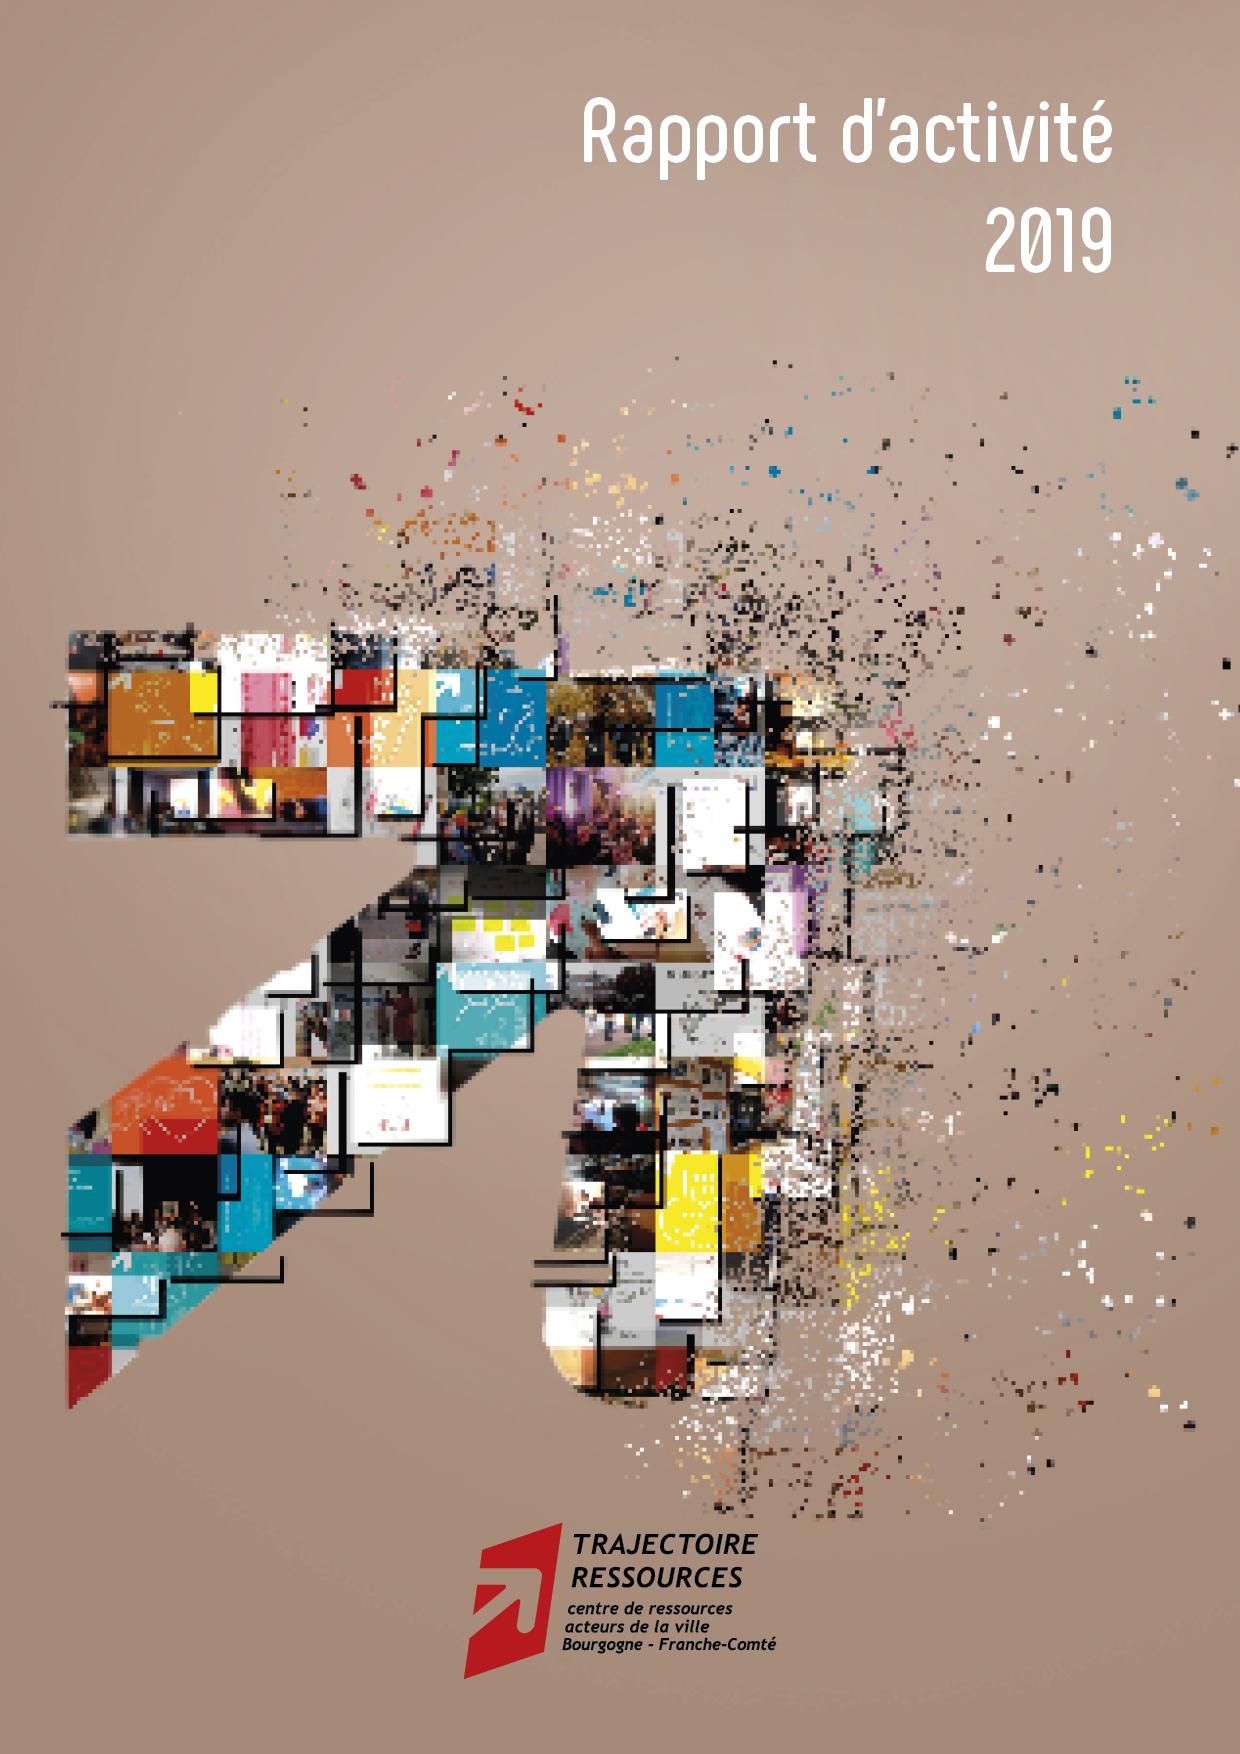 Trajectoire Ressources – Rapport d'activité 2019